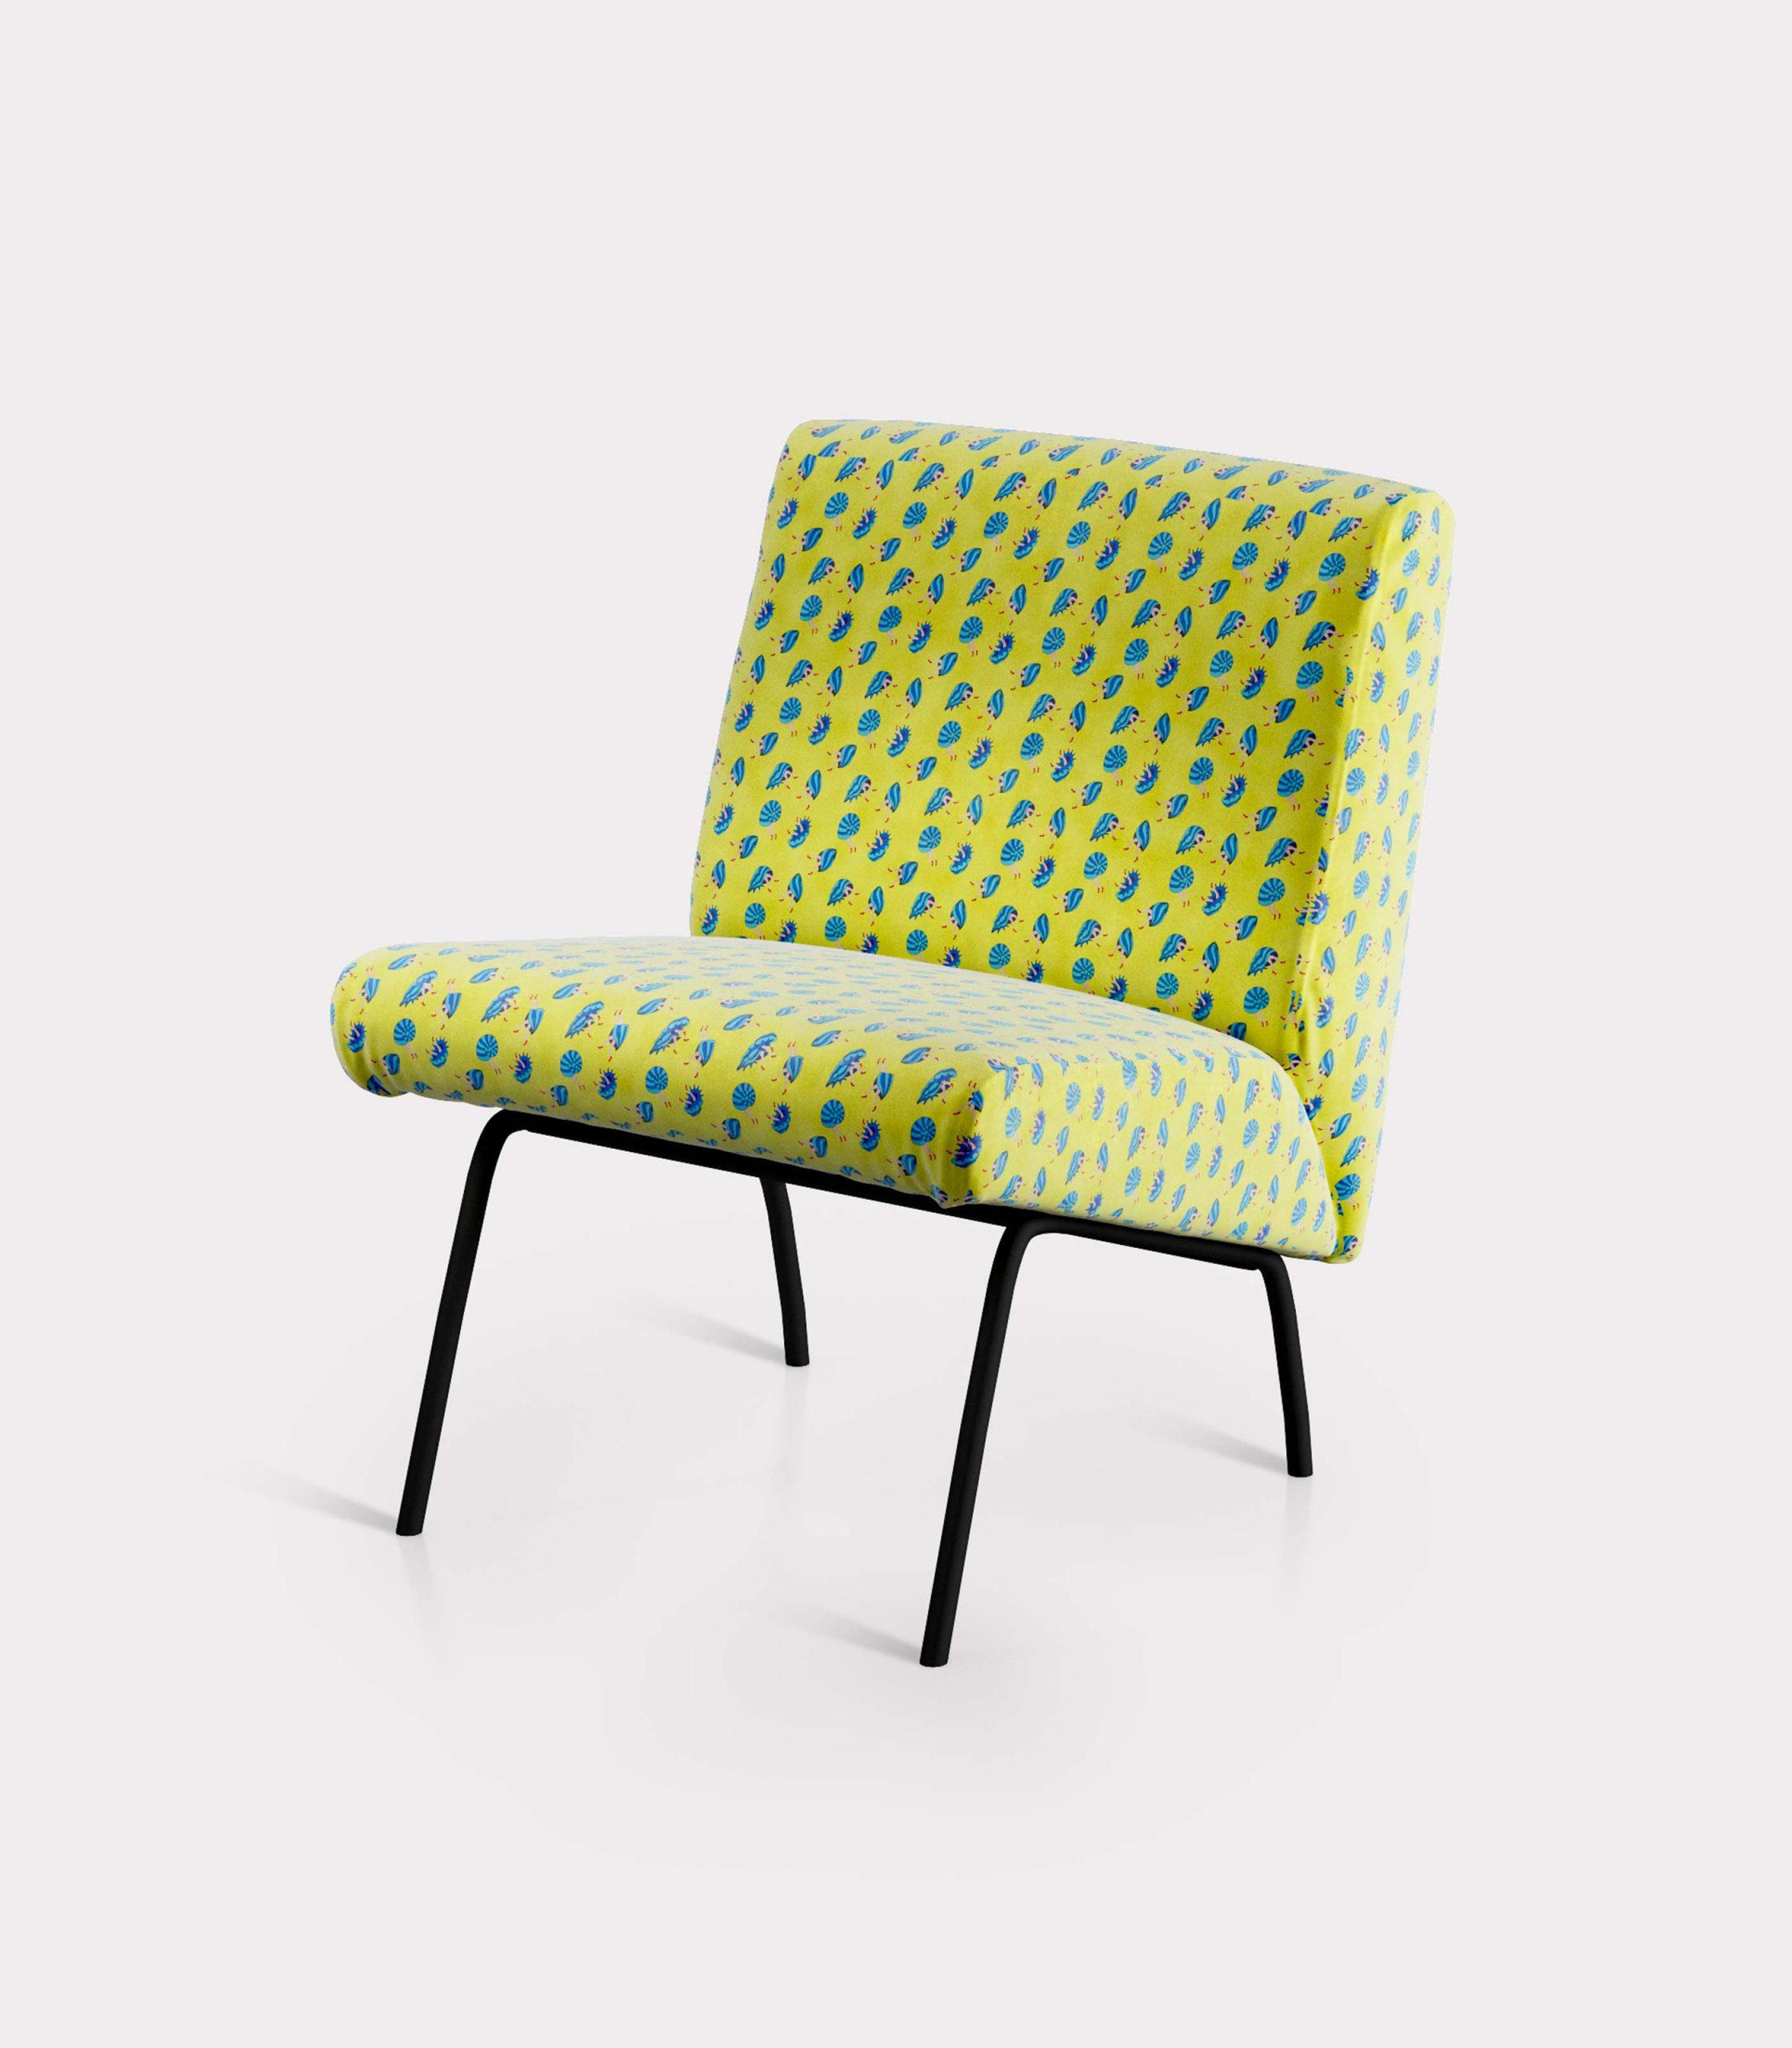 poltrona pattern conchiglie e gambe loopo milano design FD